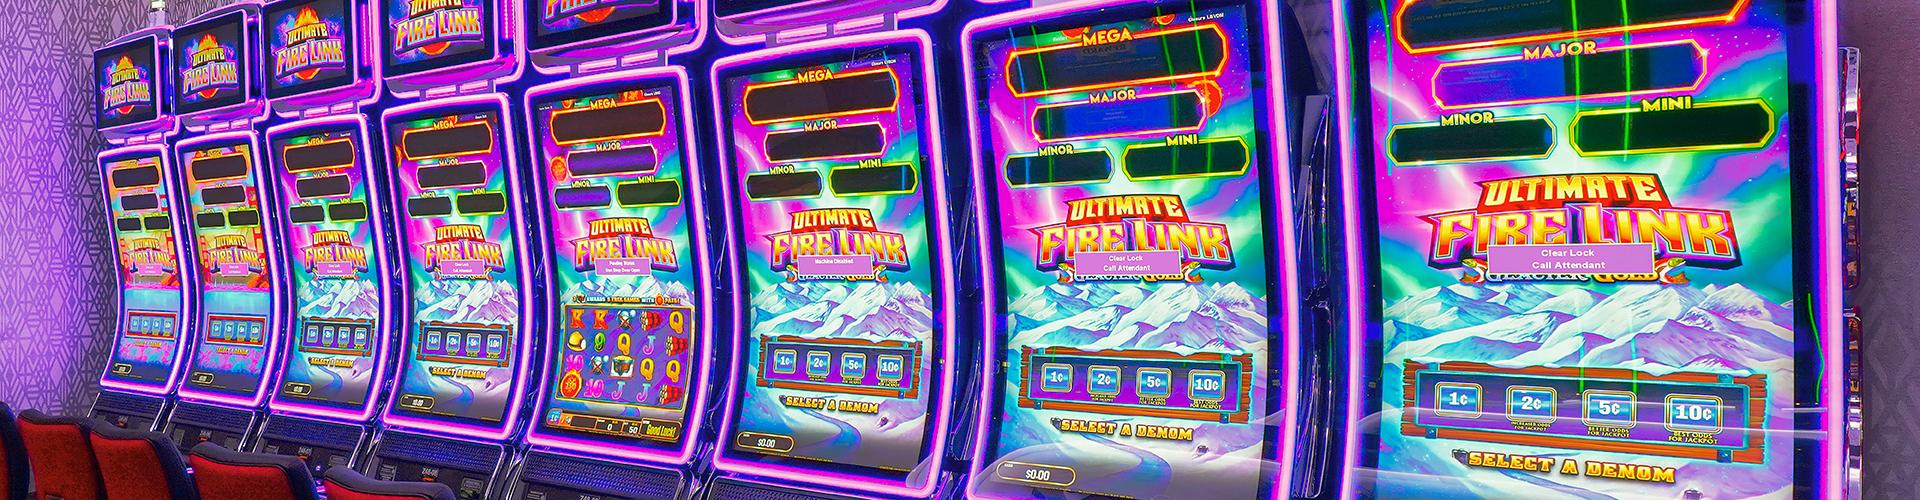 Resorts World NYC Slot Machines (2)